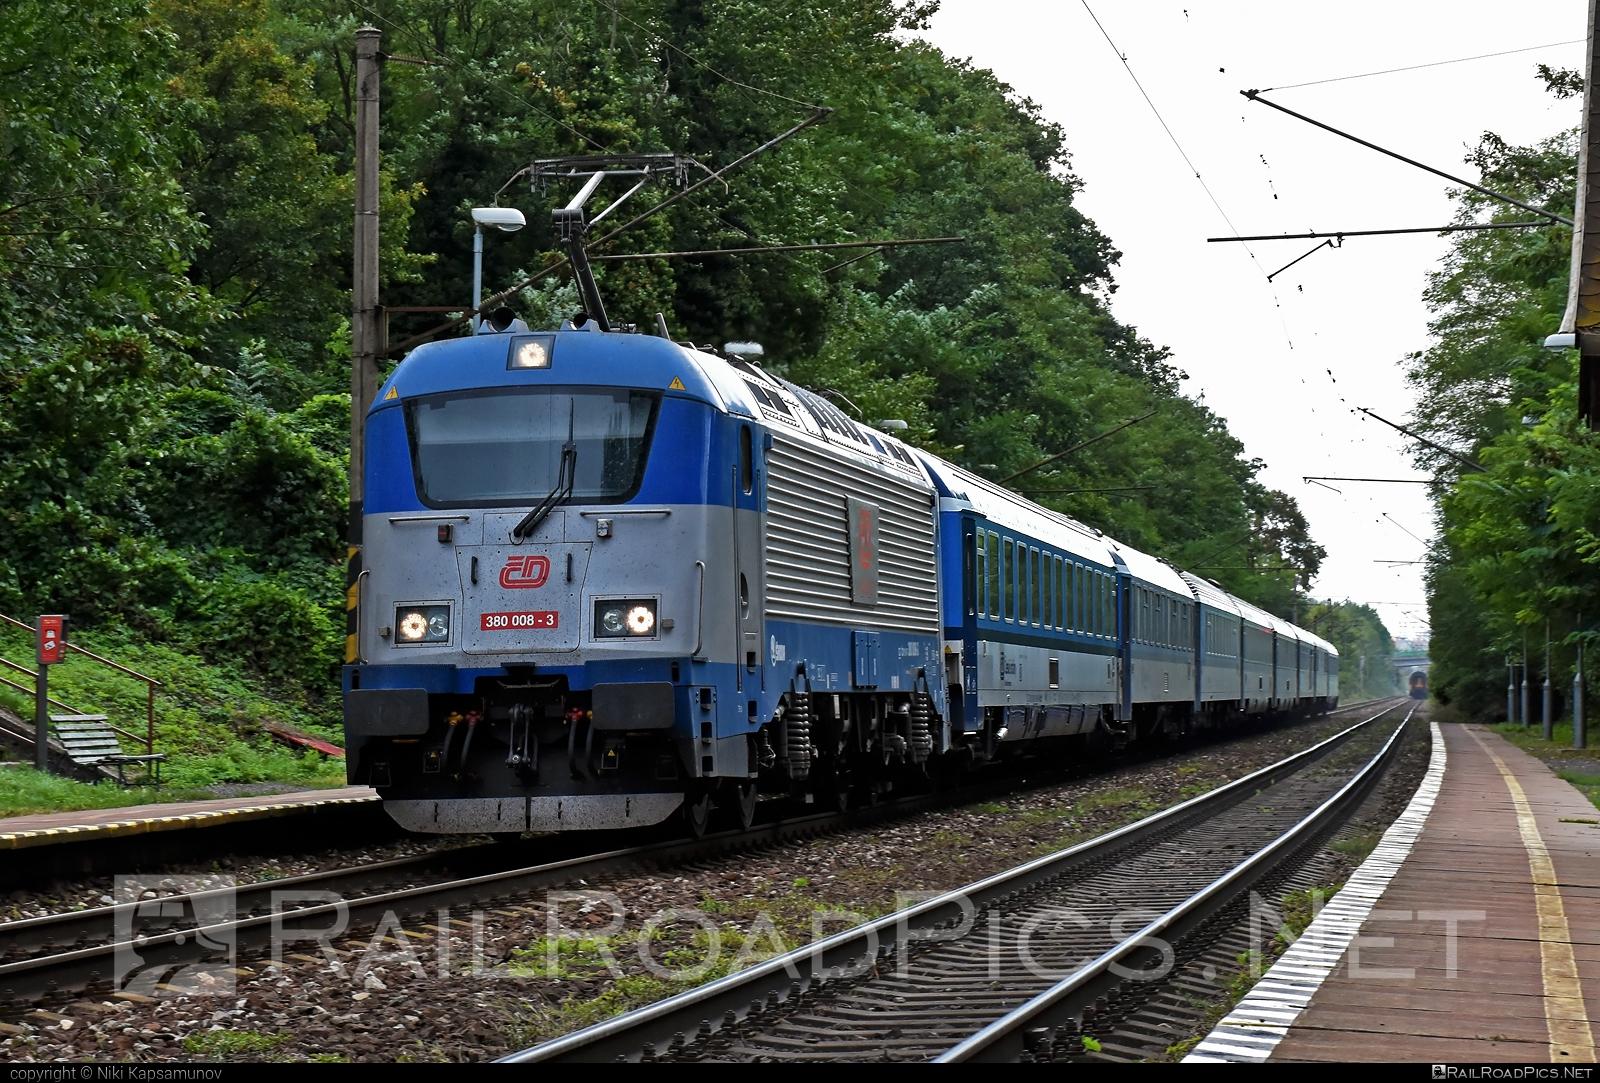 Škoda 109E1 Emil Zátopek - 380 008-3 operated by České dráhy, a.s. #cd #ceskedrahy #emilzatopeklocomotive #locomotive380 #metropolitan #skoda #skoda109e #skoda109elocomotive